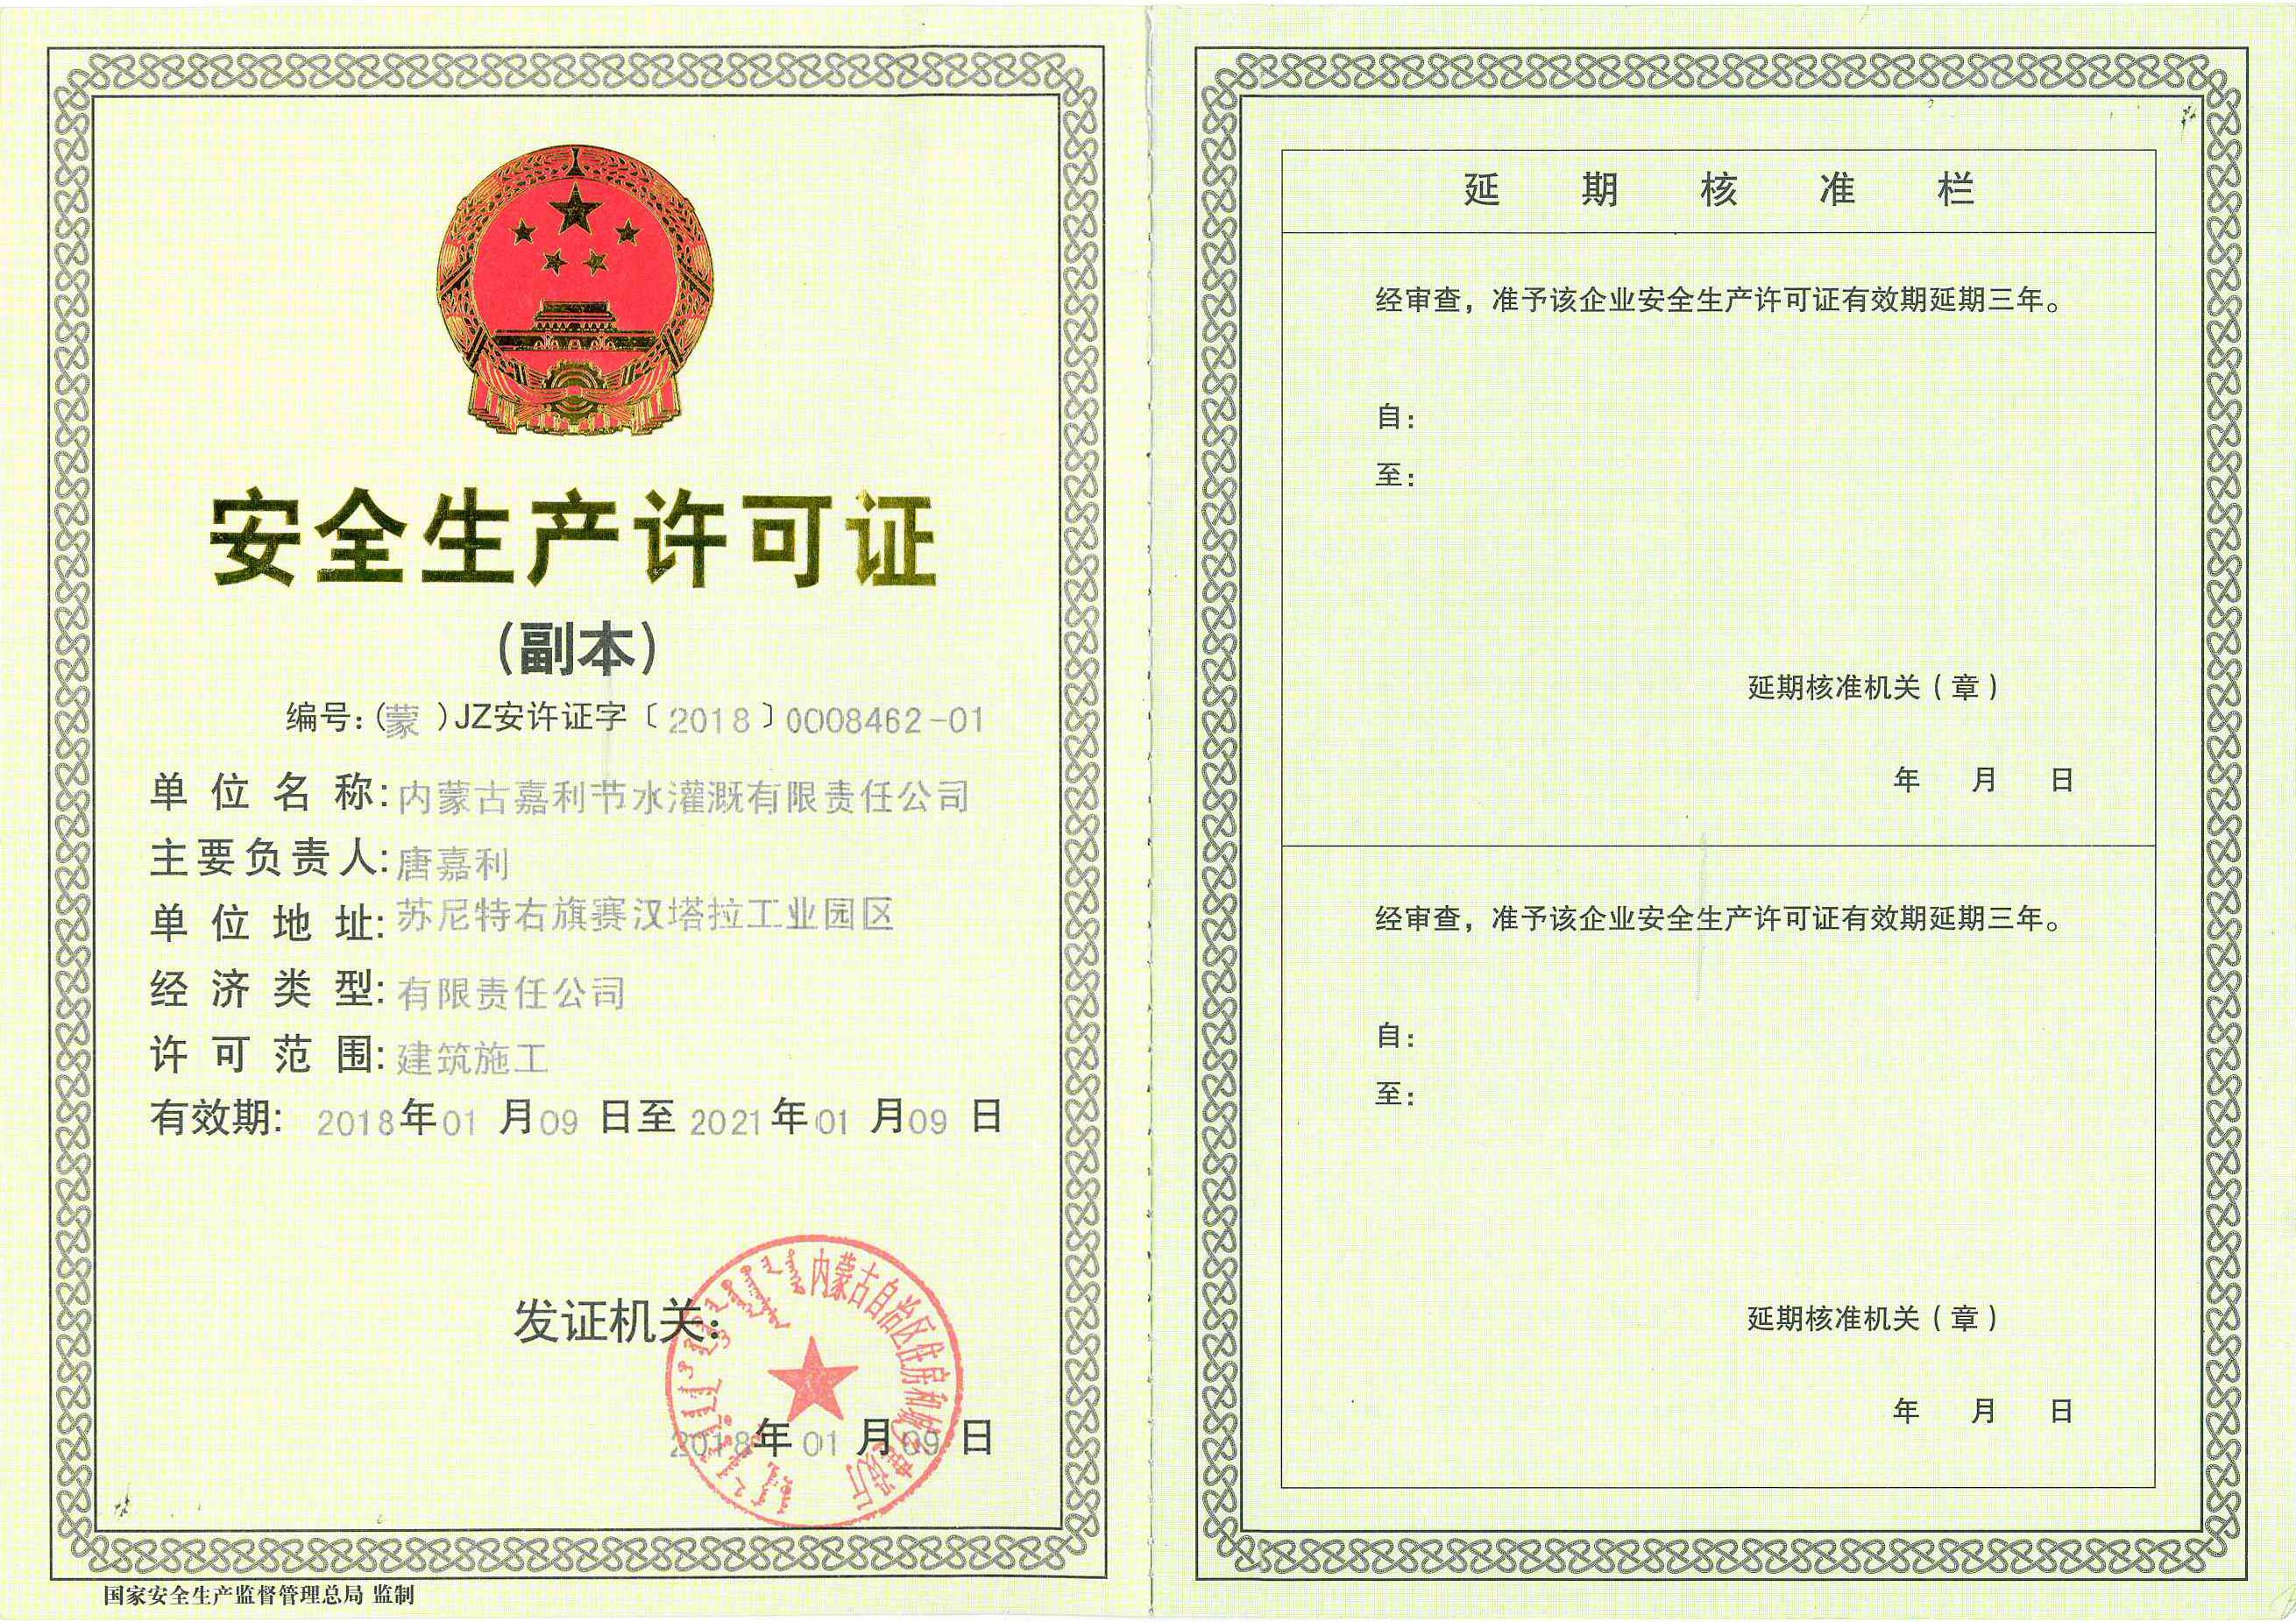 内蒙古嘉利节水安全生产许可证